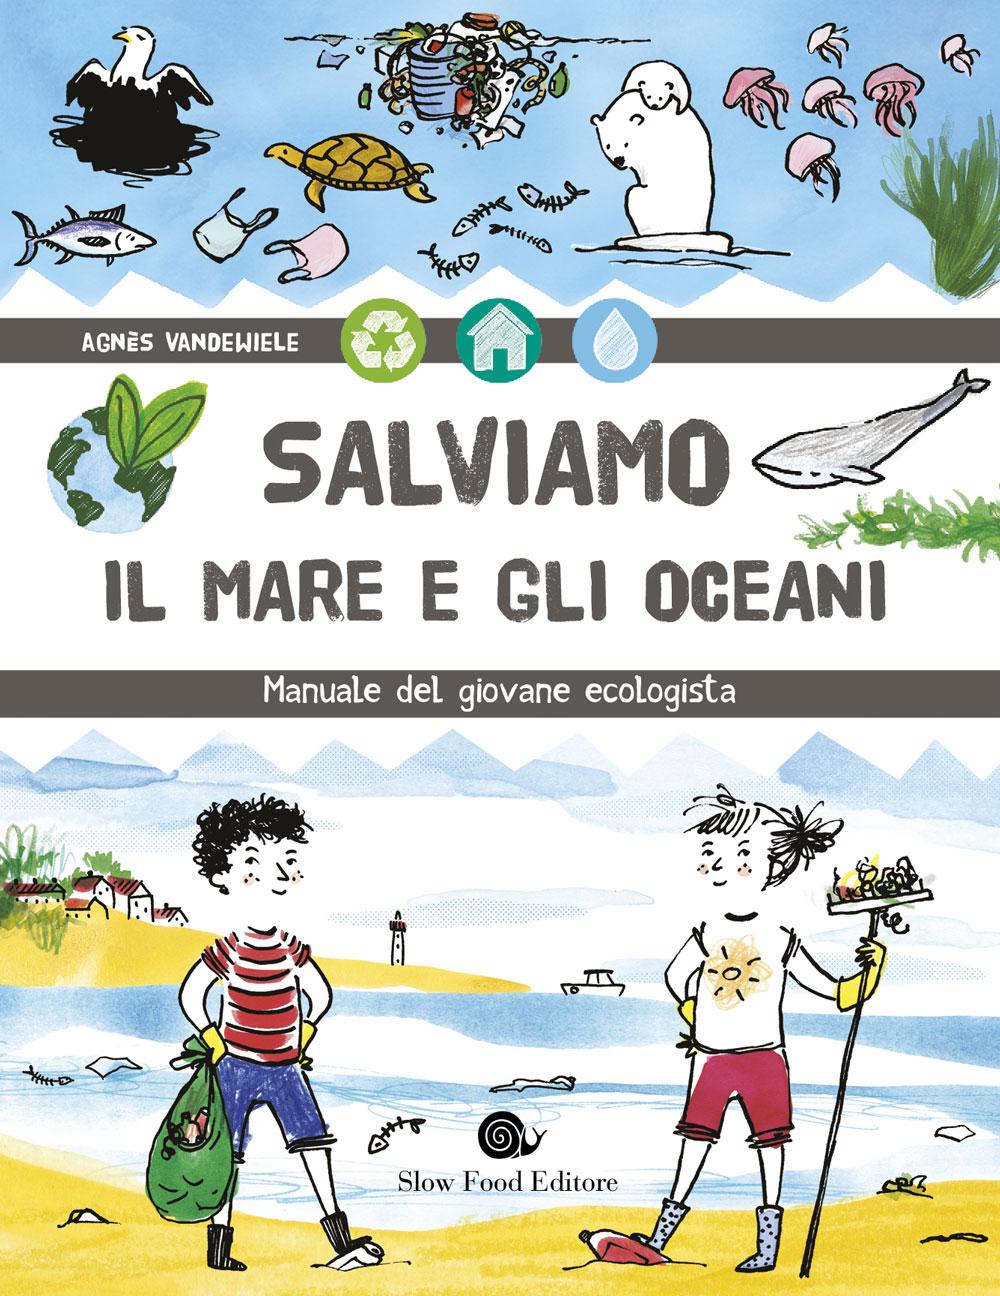 Quiz Ecologia Per Bambini 10 libri per insegnare ai bimbi l'ecologia - baby bazar